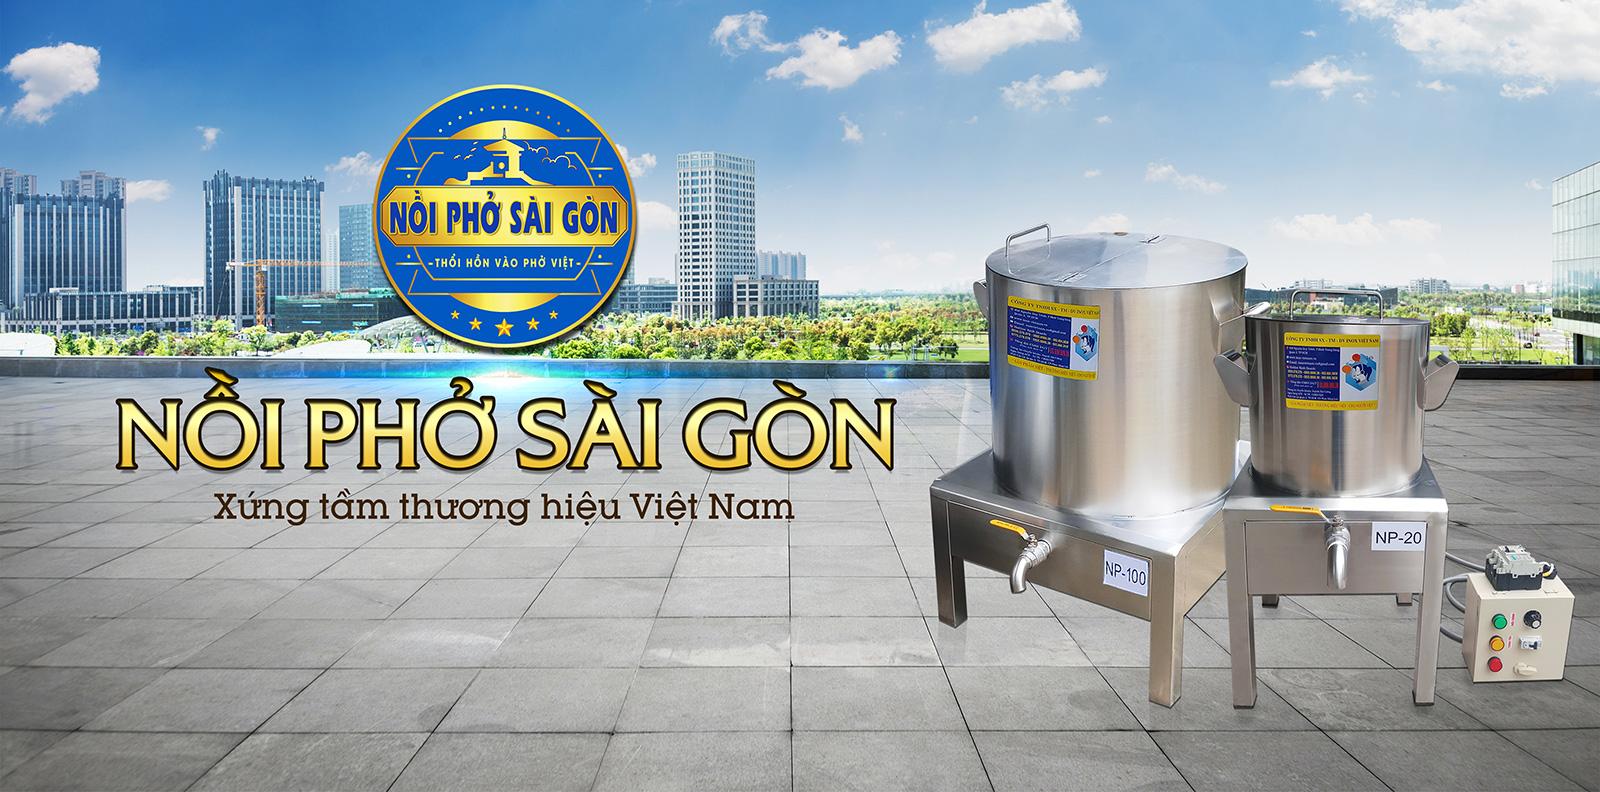 Nồi Phở Sài Gòn - Địa chỉ bán nồi nấu phở bằng điện uy tín, chất lượng.